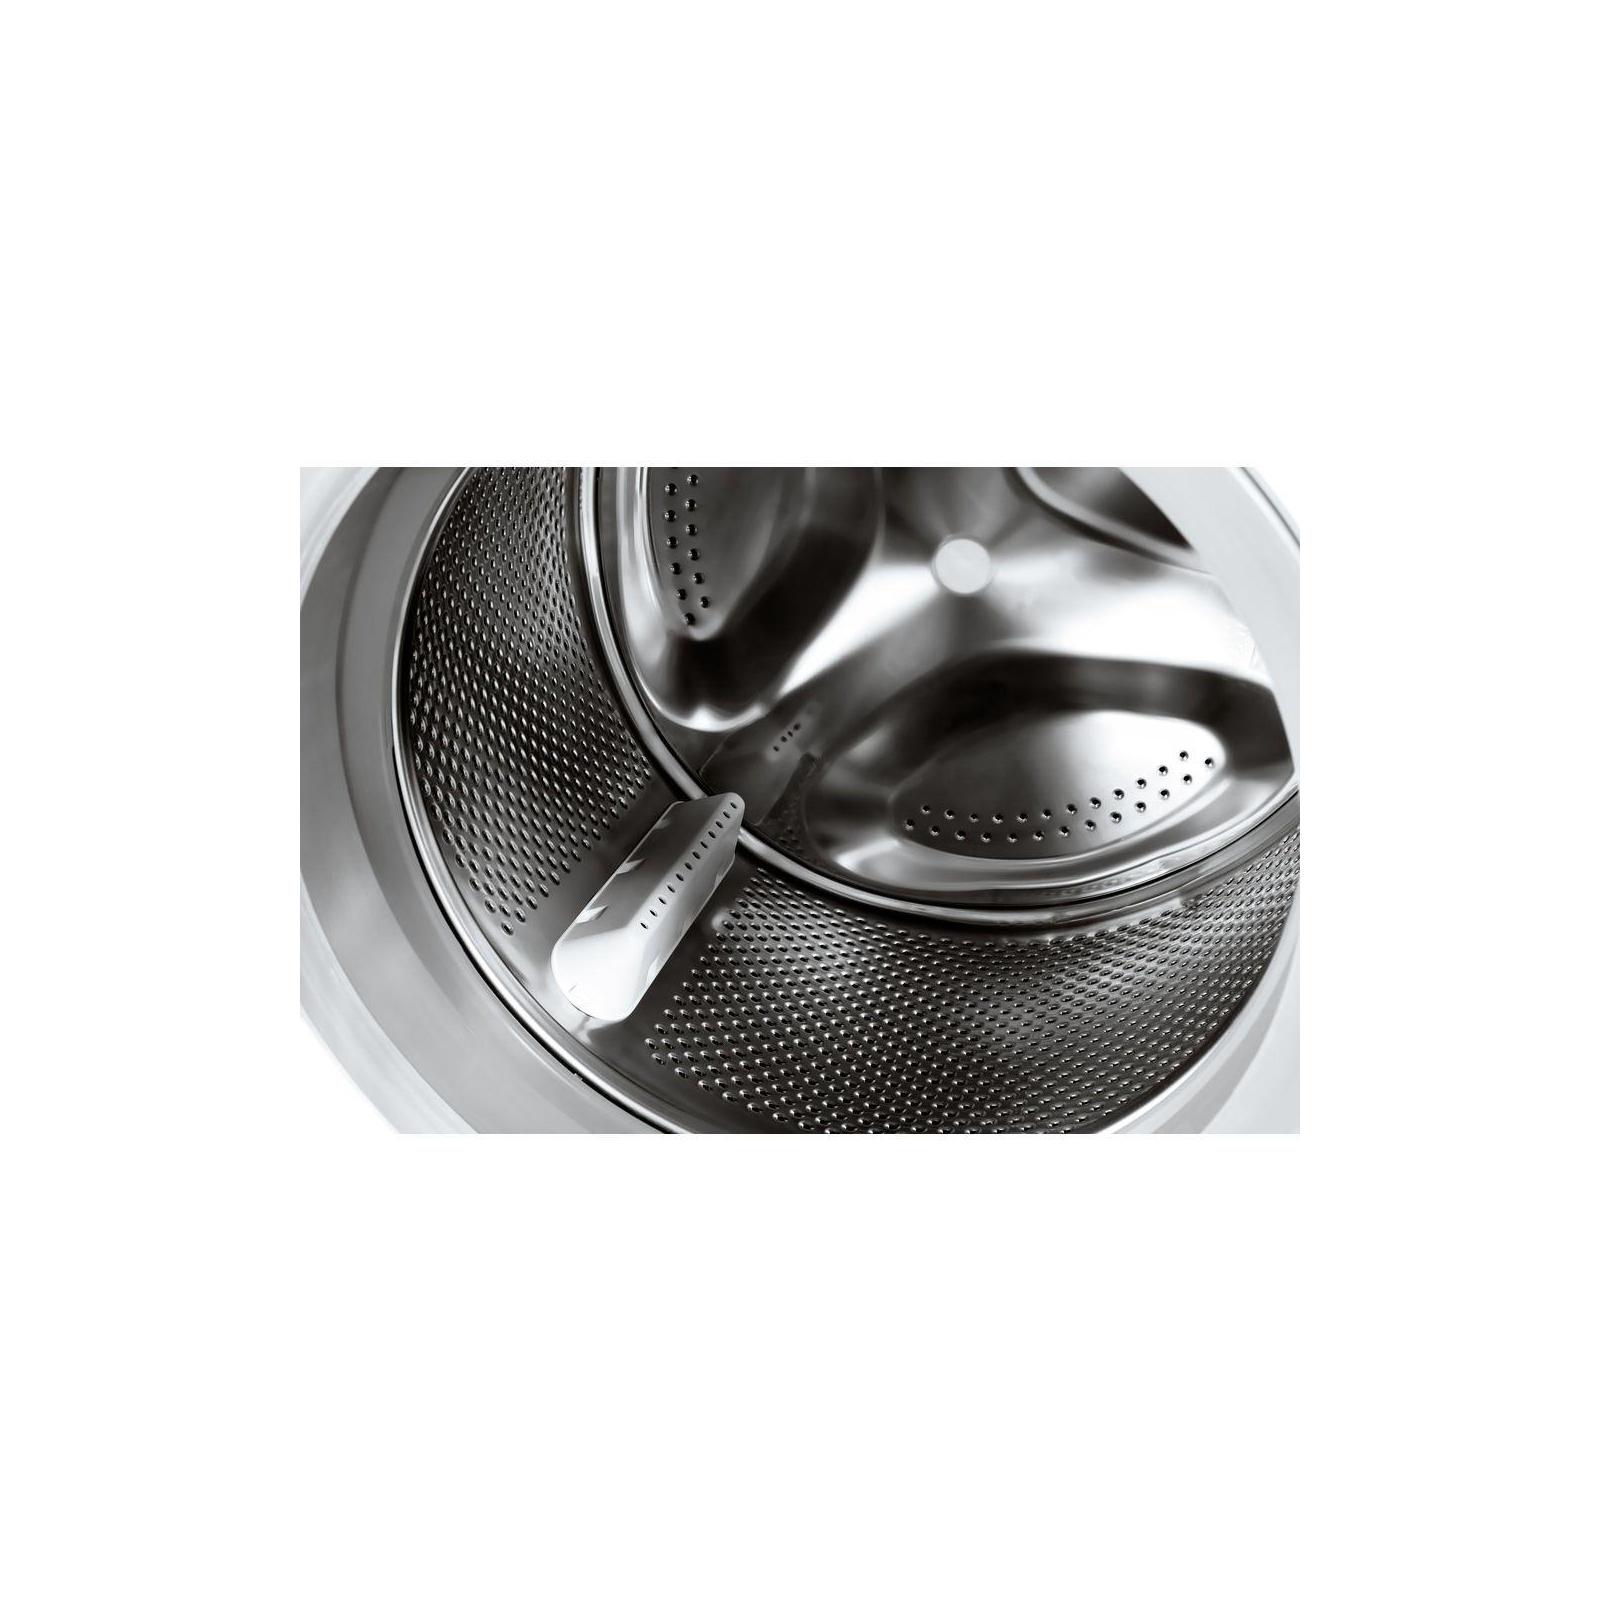 Стиральная машина Whirlpool FWSF61252W EU изображение 2